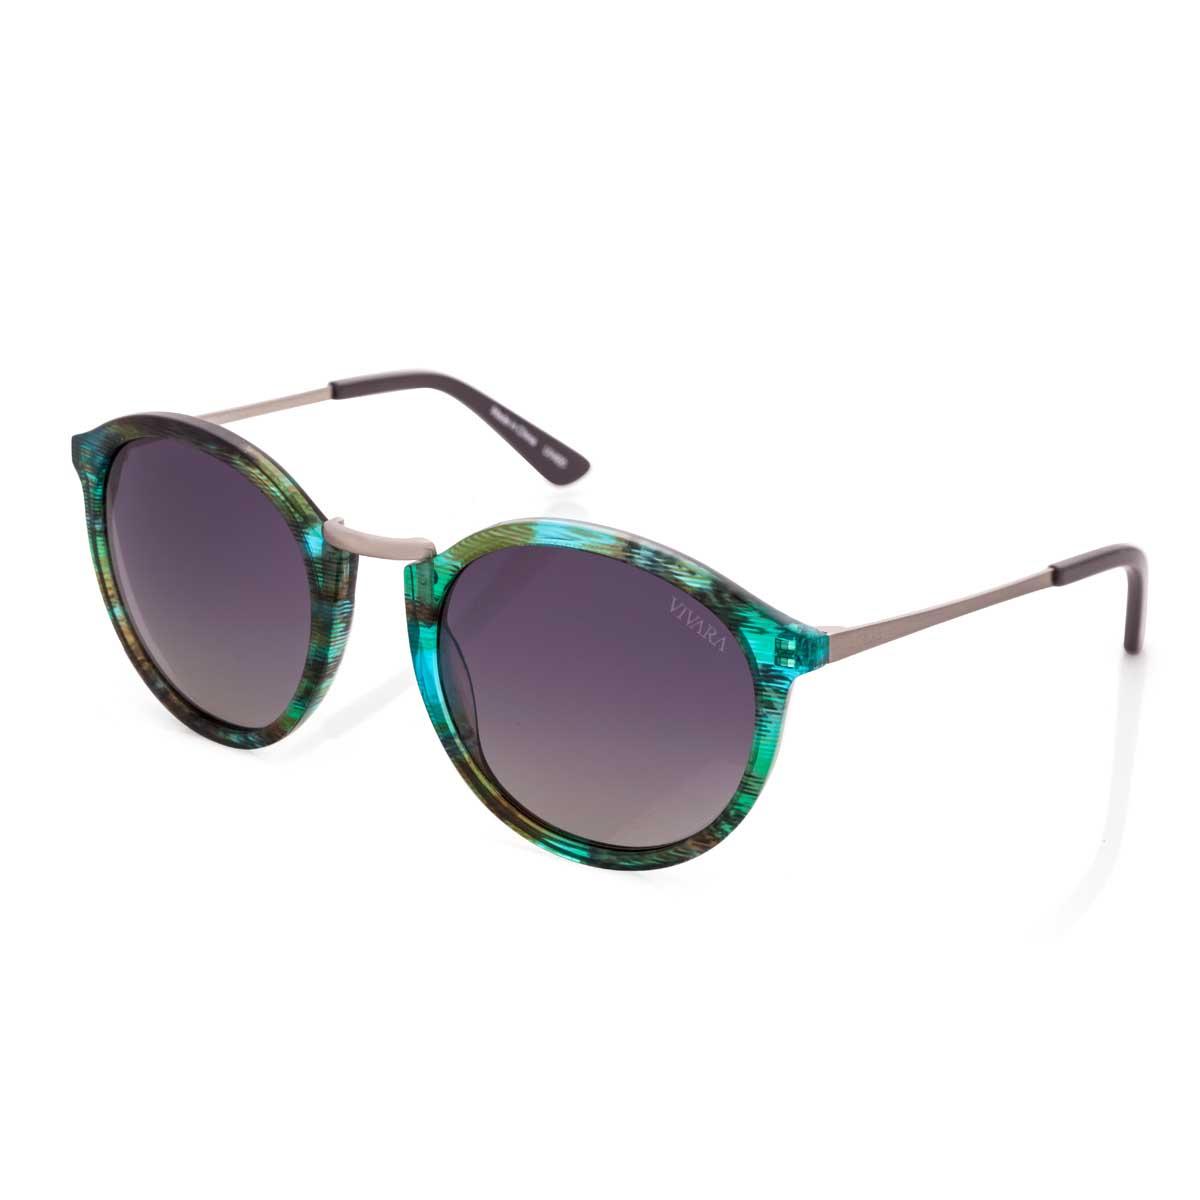 630ab63e02070 Óculos de Sol Redondo em Acetato Verde e Azul